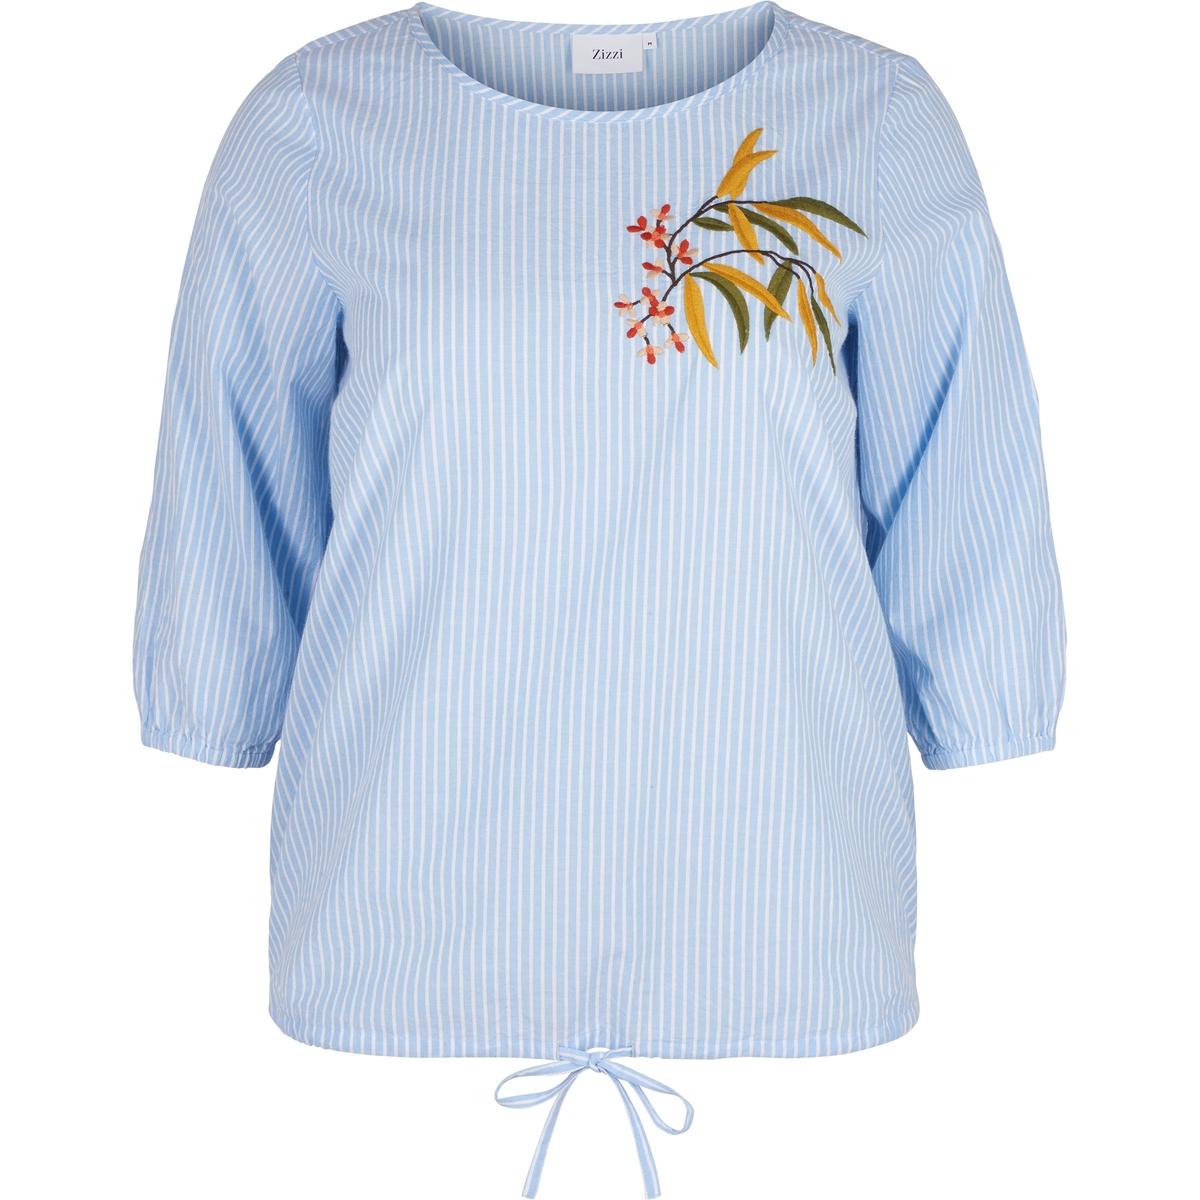 Блузка в полоску ZIZZIБлузка в полоску  ZIZZI. Блузка в полоску с вышивкой. Рукава 3/4. 100% хлопок.<br><br>Цвет: голубой<br>Размер: 42/44 (FR) - 48/50 (RUS).46/48 (FR) - 52/54 (RUS)